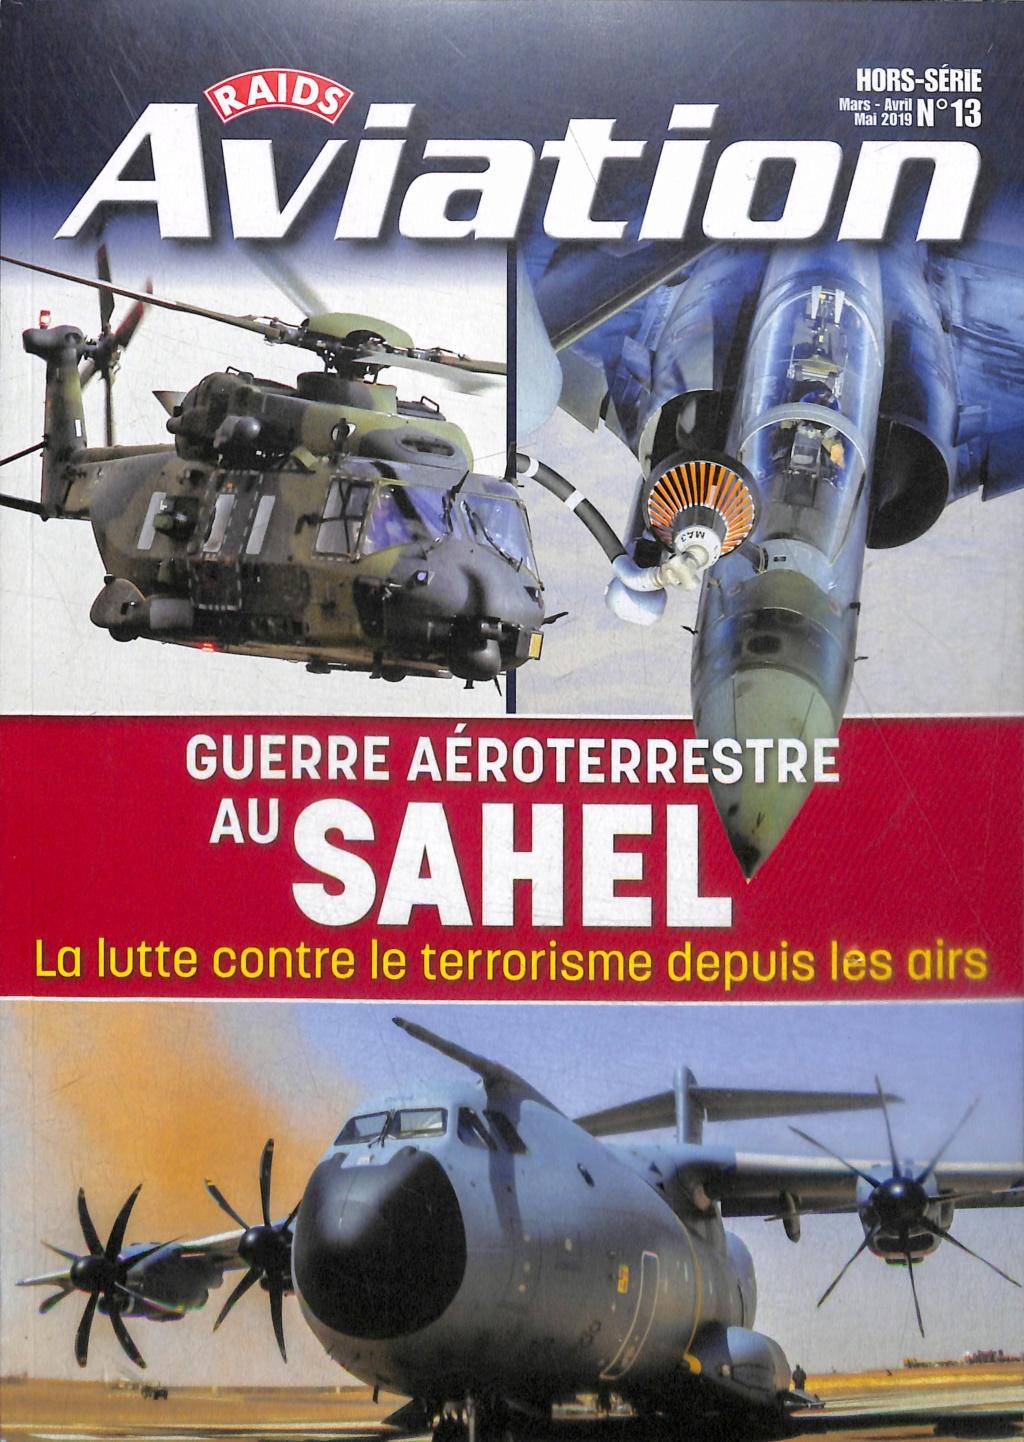 Raids Aviation HS n°13 - Guerre aéroterrestre au Sahel (la lutte contre le terrorisme depuis les airs) L8482h10